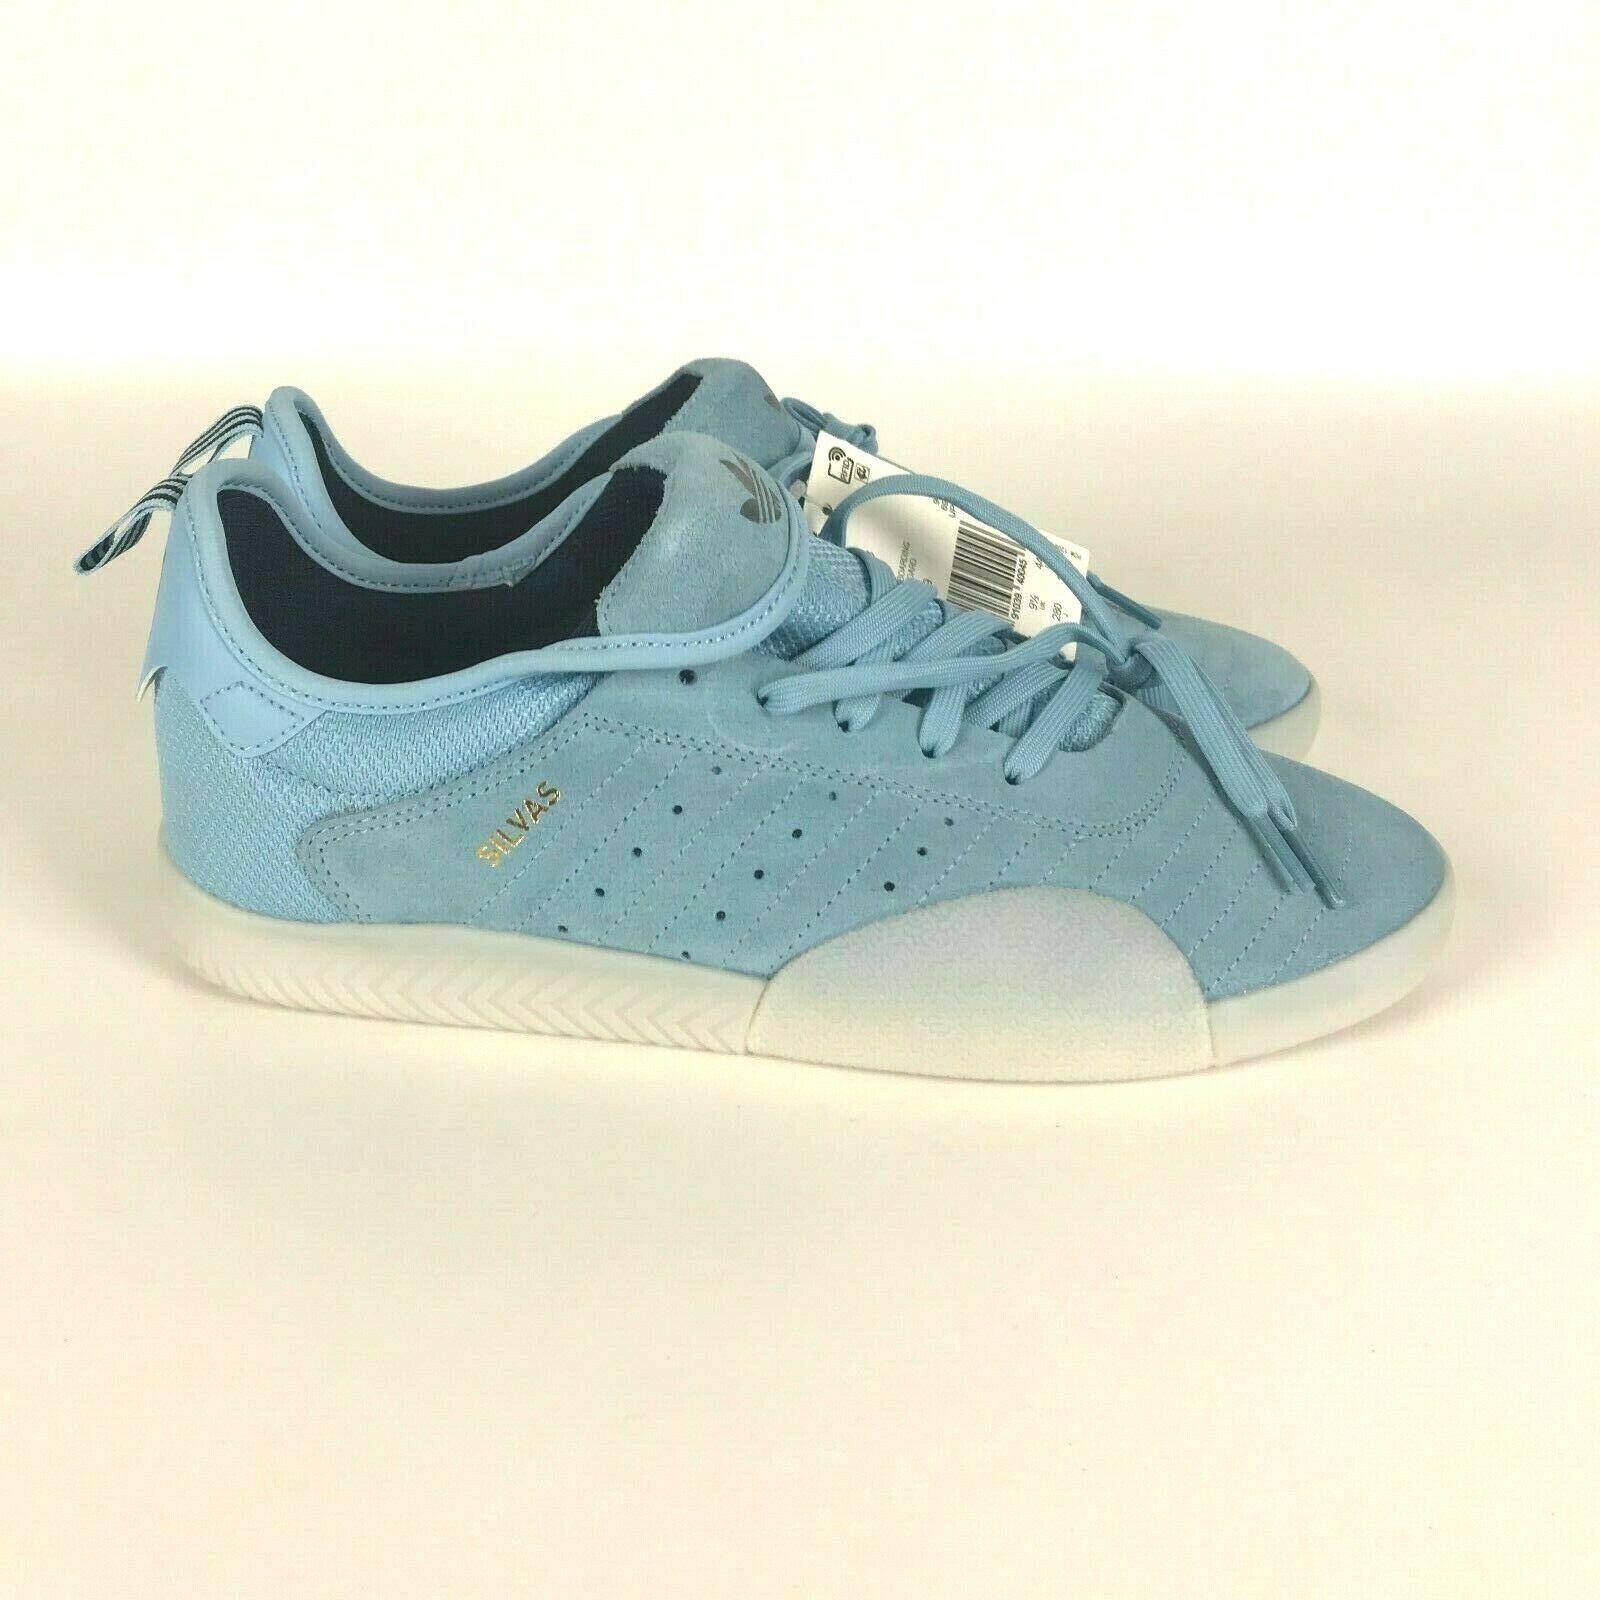 Adidas 3ST.003 Schultaschen Eisblau Gold Schwarz Herren Schuhe B42259